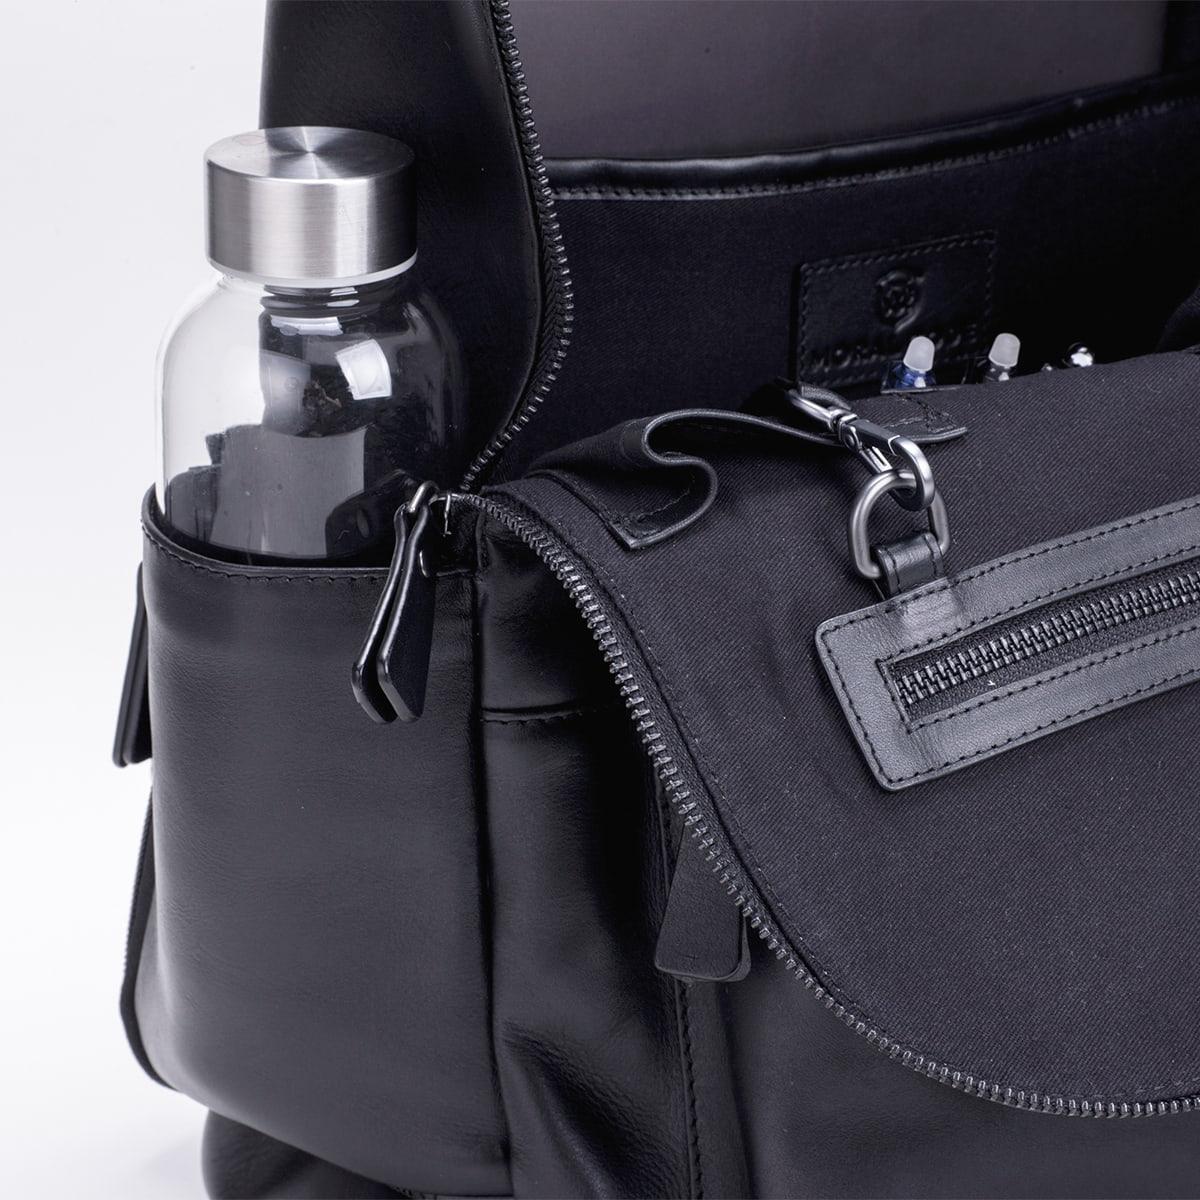 レザーリュック メンズビジネス DESMOND-II  デスモンド2 ブラック 黒